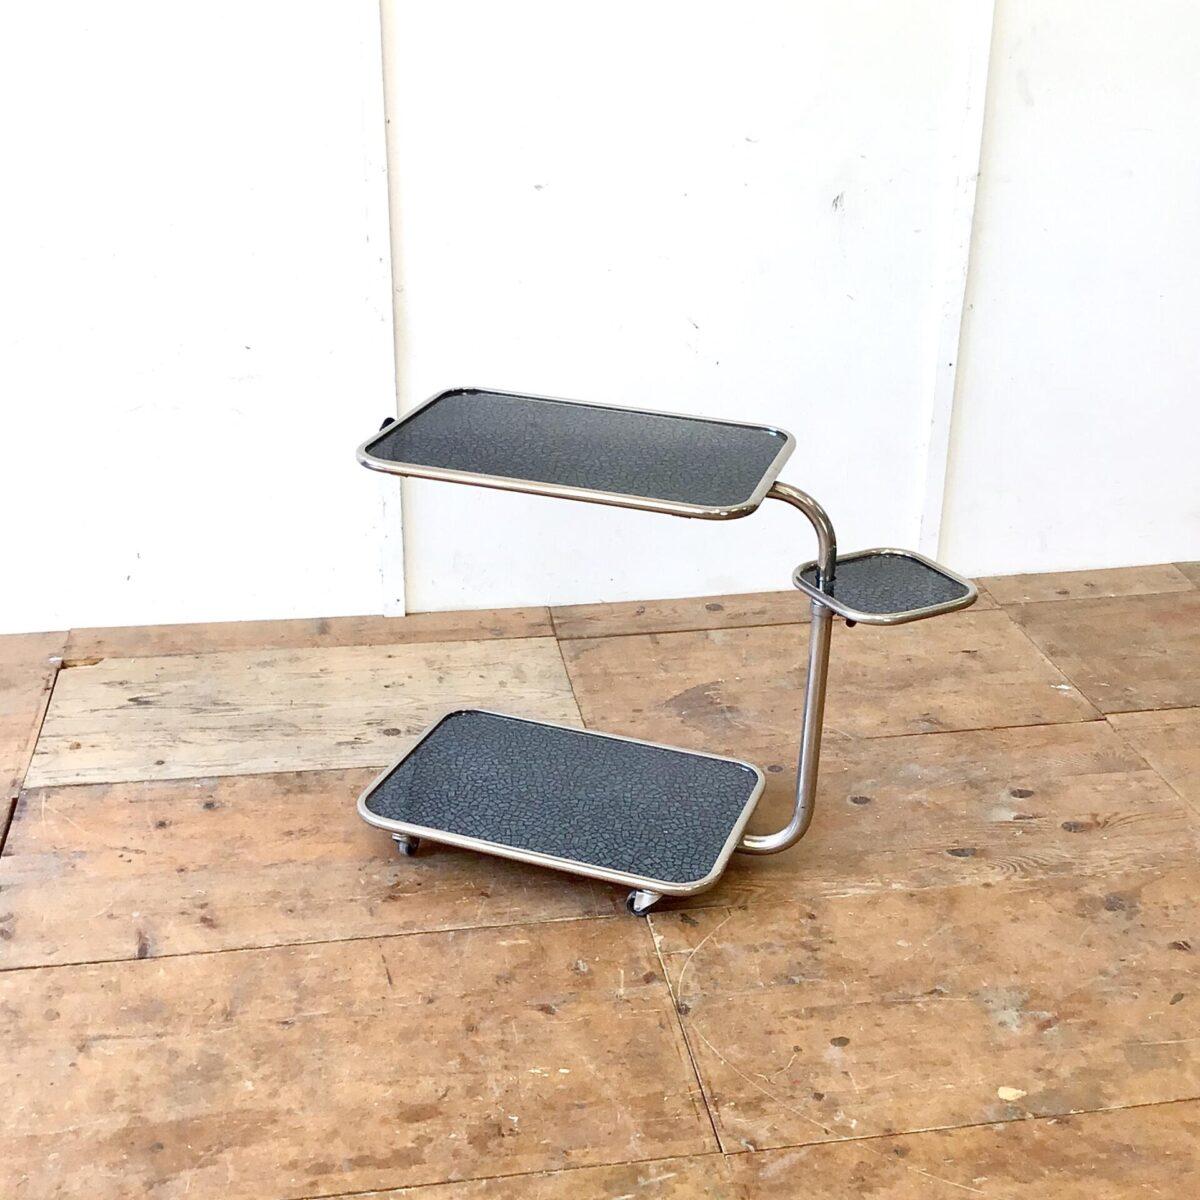 Deuxieme.shop 60er 70er Jahre Beistelltisch, Servierwagen, Stehtisch. 80x43cm Höhenverstellbar von 70-96cm. Der Beistelltisch ist in beeindruckend gutem Zustand. Vorallem die verchromten Elemente sind oft leicht angerostet oder angelaufen. Das kleine Tablar ist ebenfalls höhenverstellbar und drehbar. Das Obere Tablett lässt sich schräg stellen, und kann so auch als Notenständer gebraucht werden.